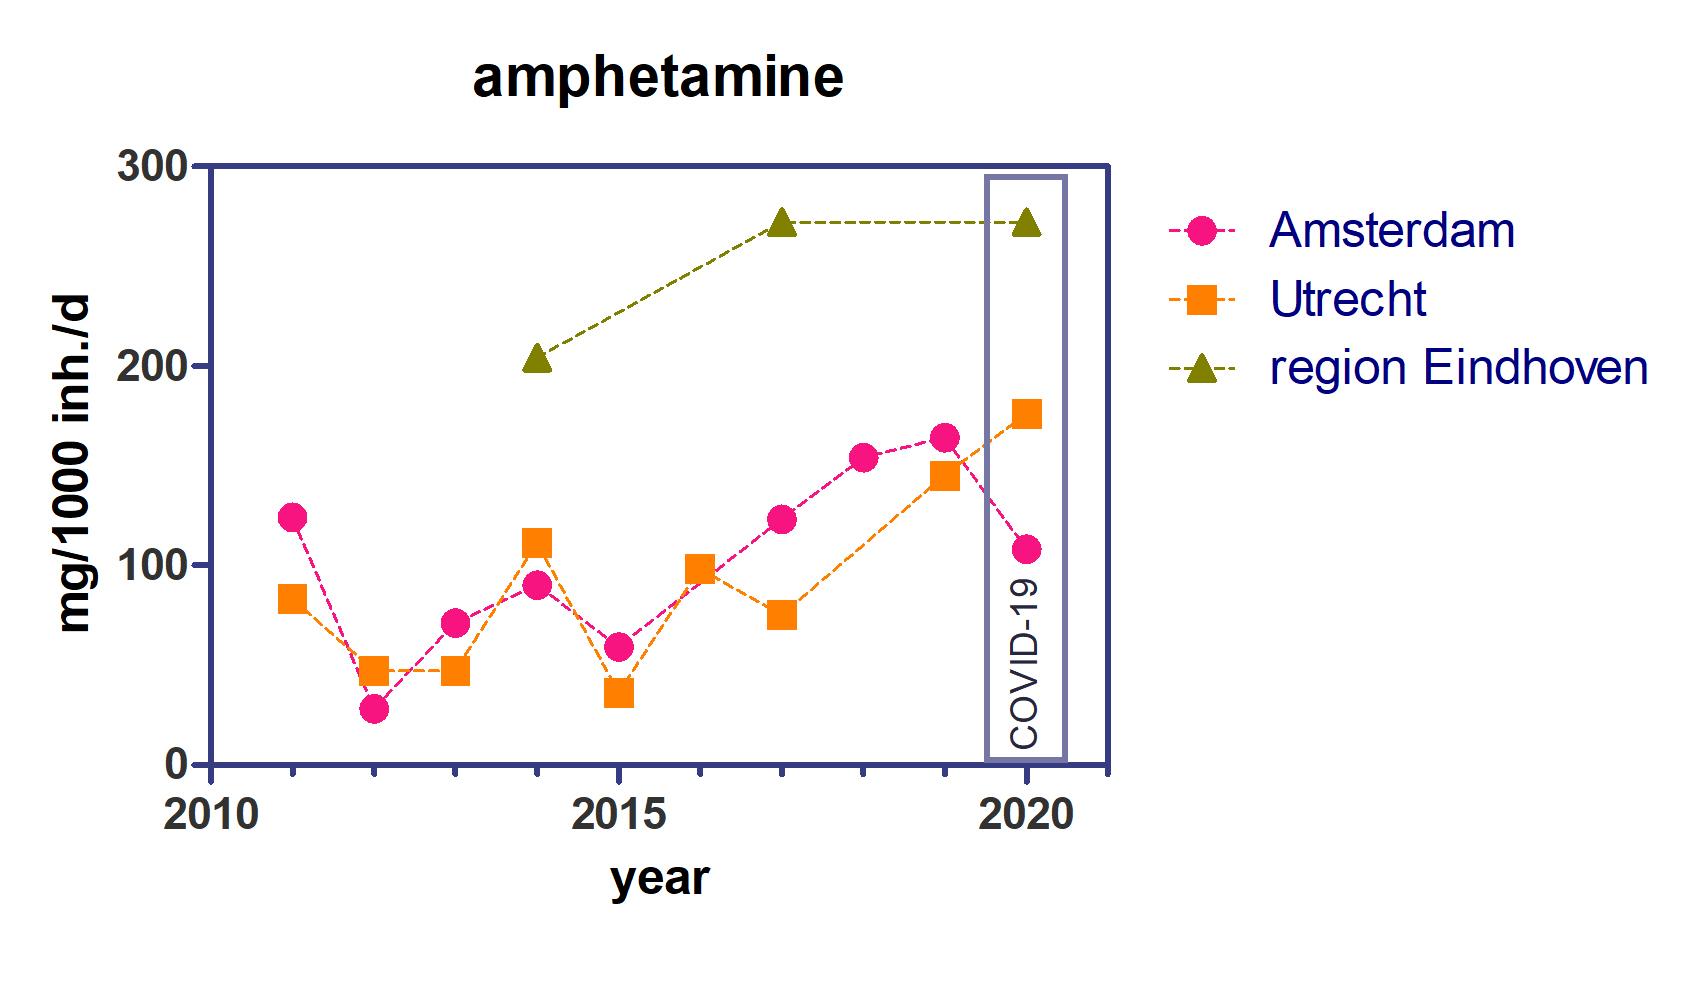 Grafische Darstellung des Speedkonsums (Amphetaminkonsums) in Amsterdam, Eindhoven und Utrecht als Zeitreihe von 2011 bis 2020 – 2020 gemessen während des Lockdowns aufgrund der Coronapandemie. Grafik: KWR (2020)